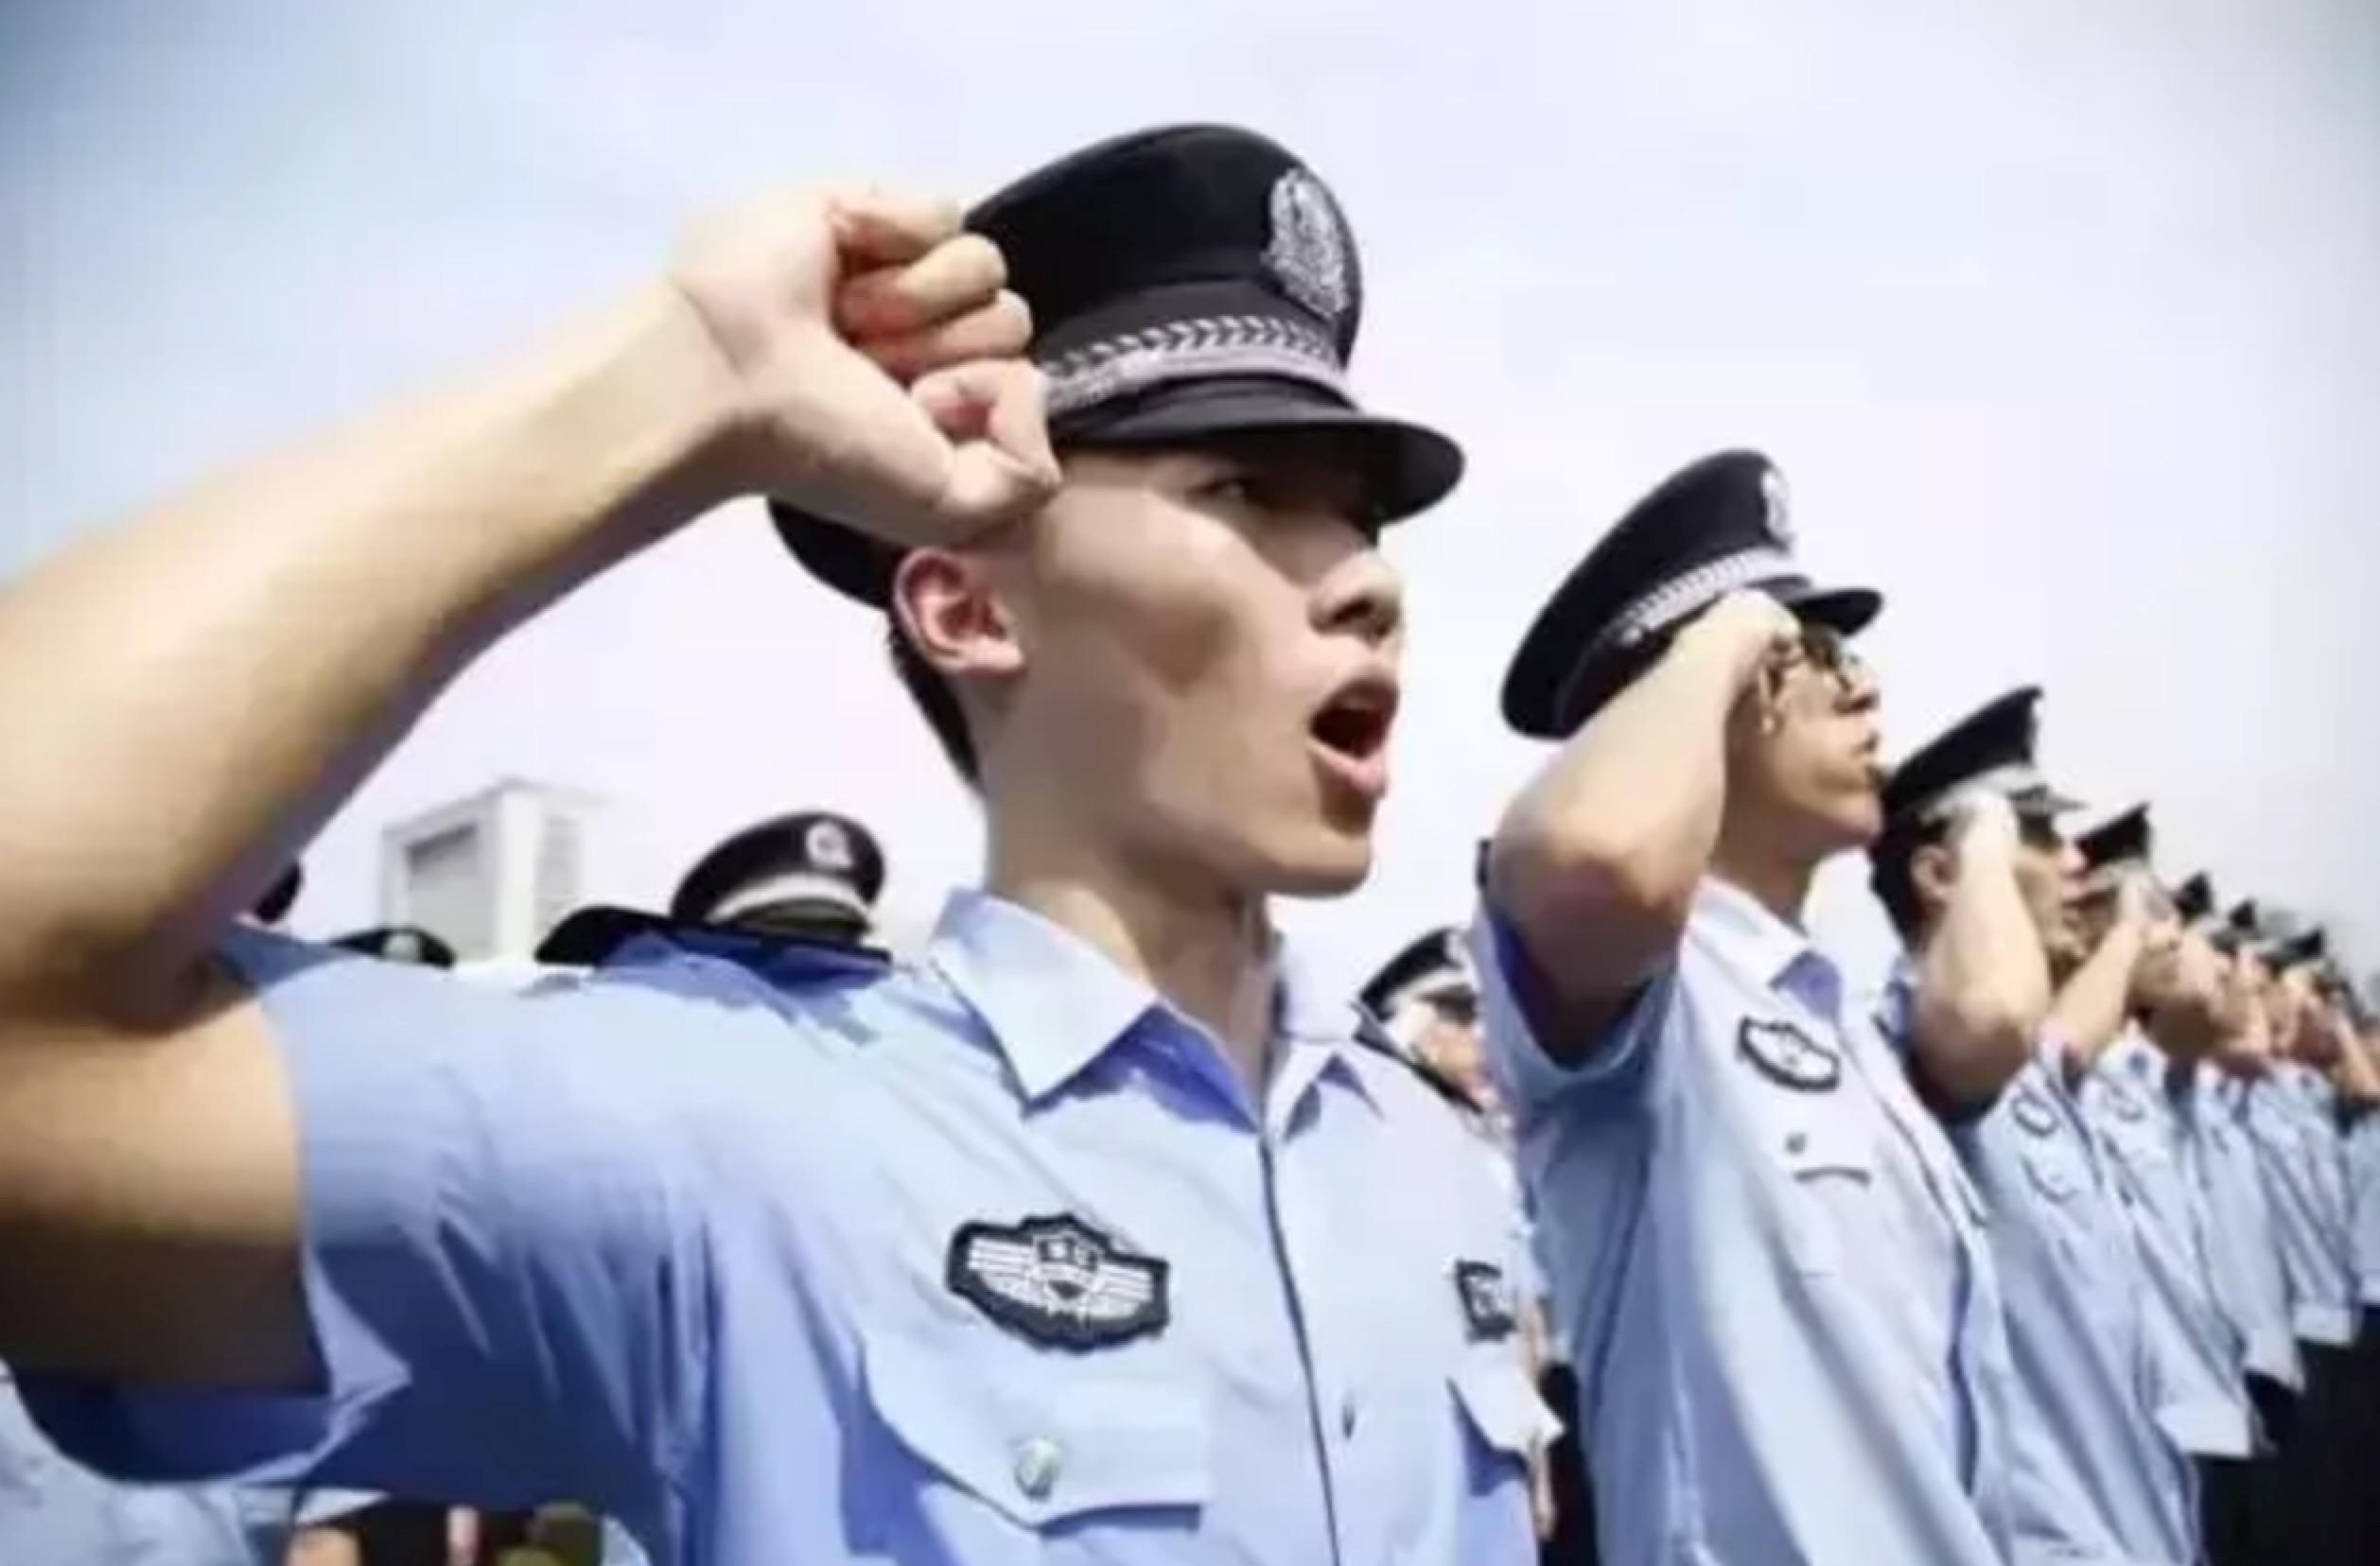 警察桌面壁纸 警察桌面壁纸画法